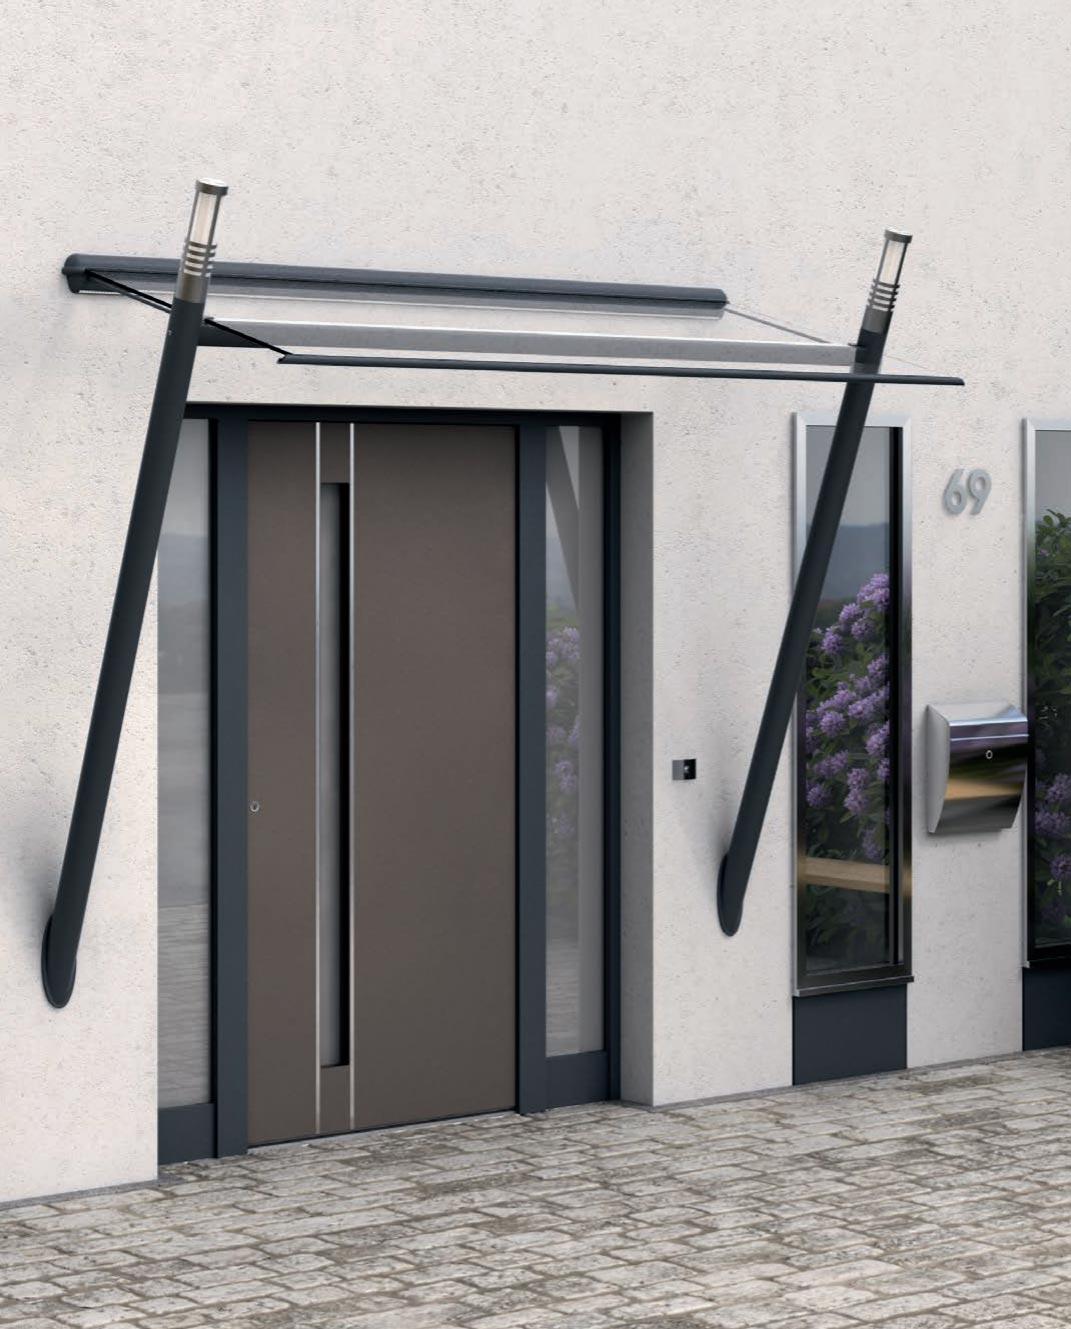 Kompotherm Referenz Vordach mit Beleuchtung von Sonne Rundum in Hamburg